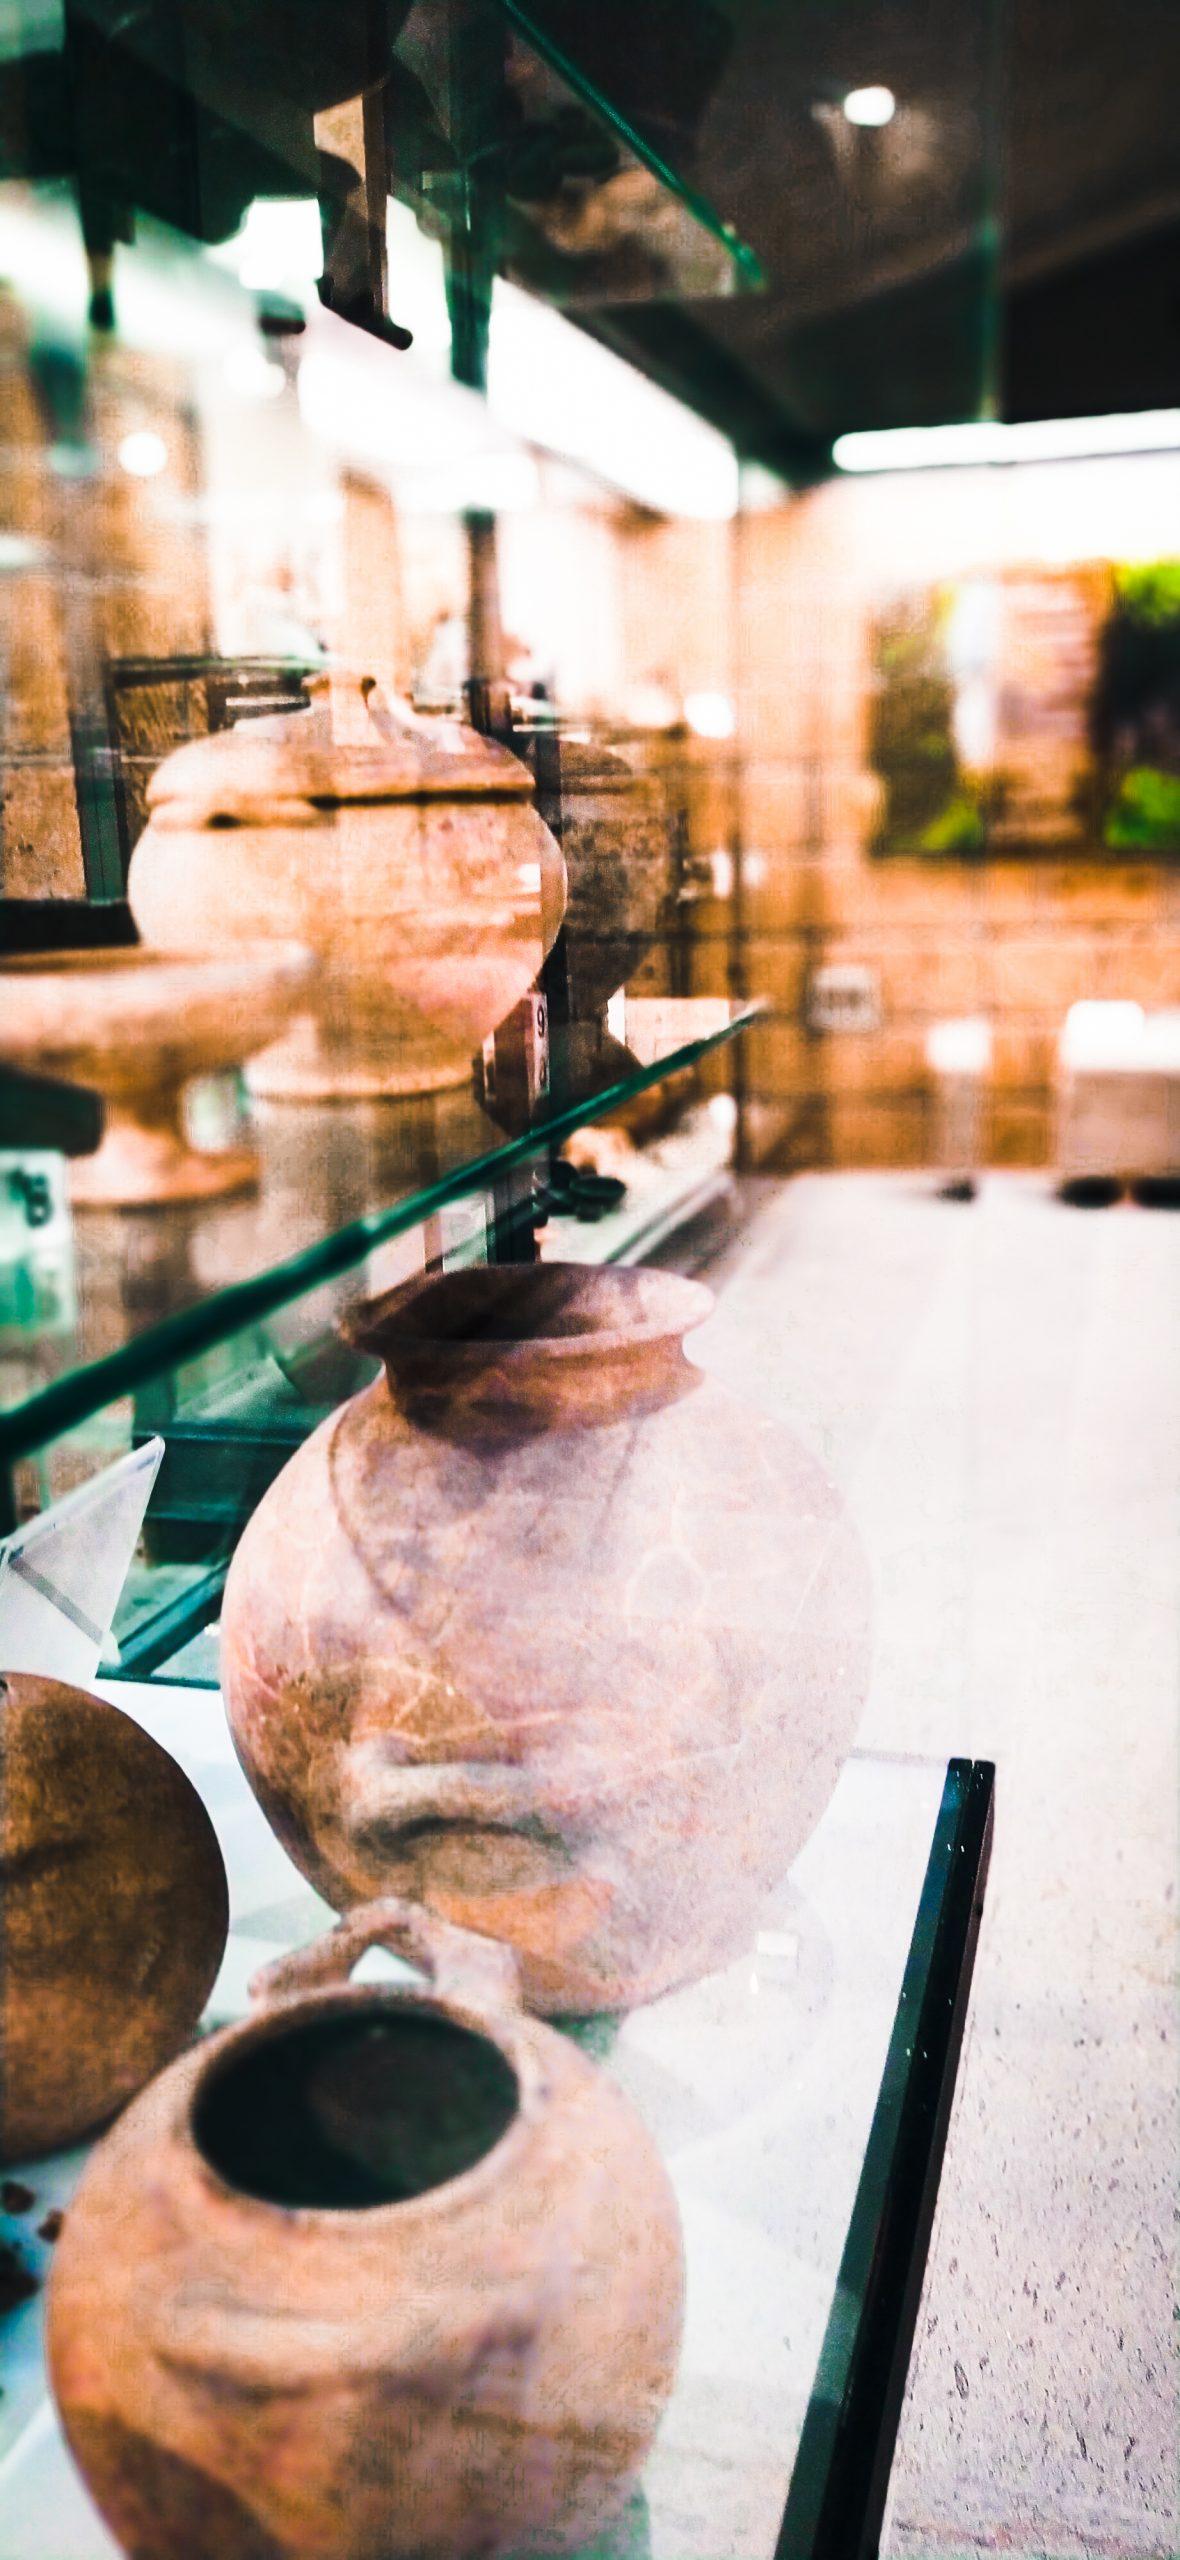 Museo-delle-Necropoli-di-Barbarano-Romano-interno-con-ceramica-etrusca-e-sarcofagi